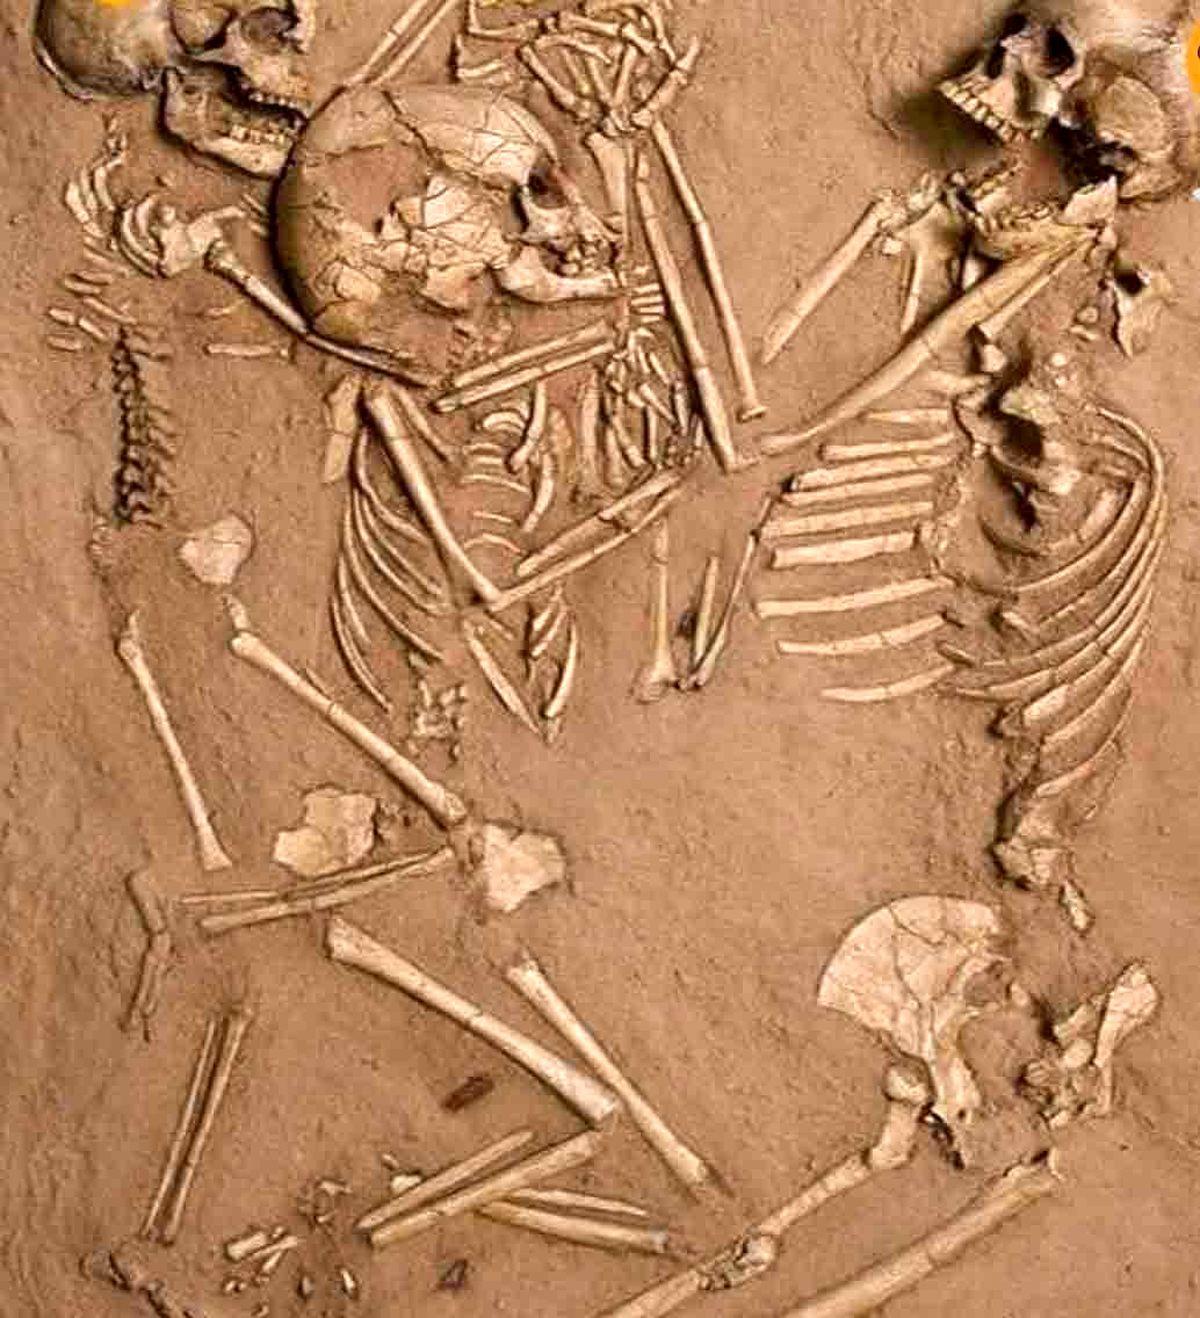 اسکلت 5000 ساله مادر و فرزند در حالتی باورنکردنی